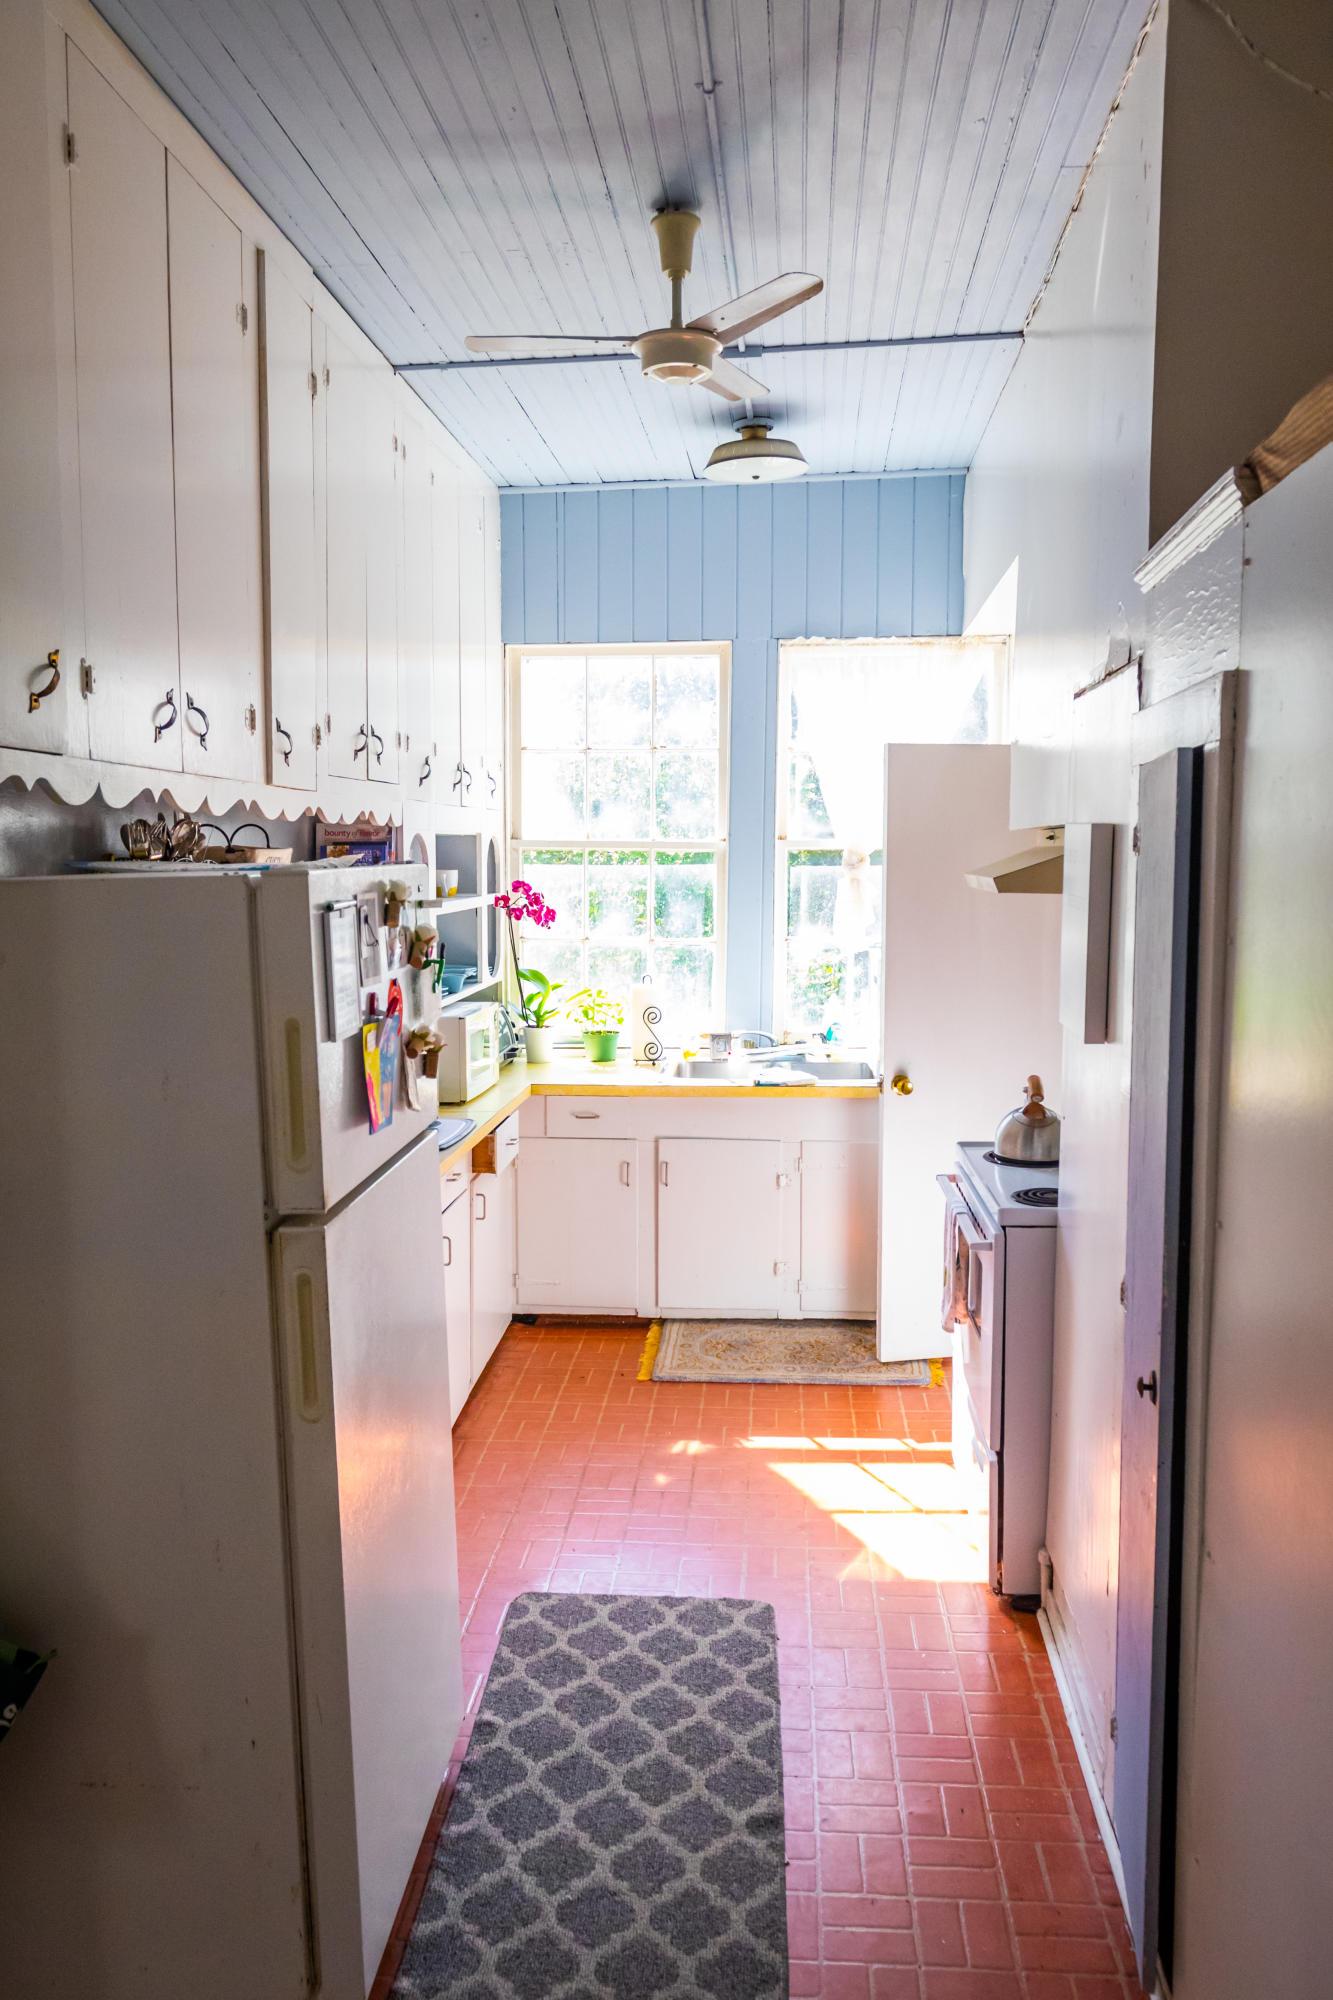 Harleston Village Homes For Sale - 157 Wentworth, Charleston, SC - 0